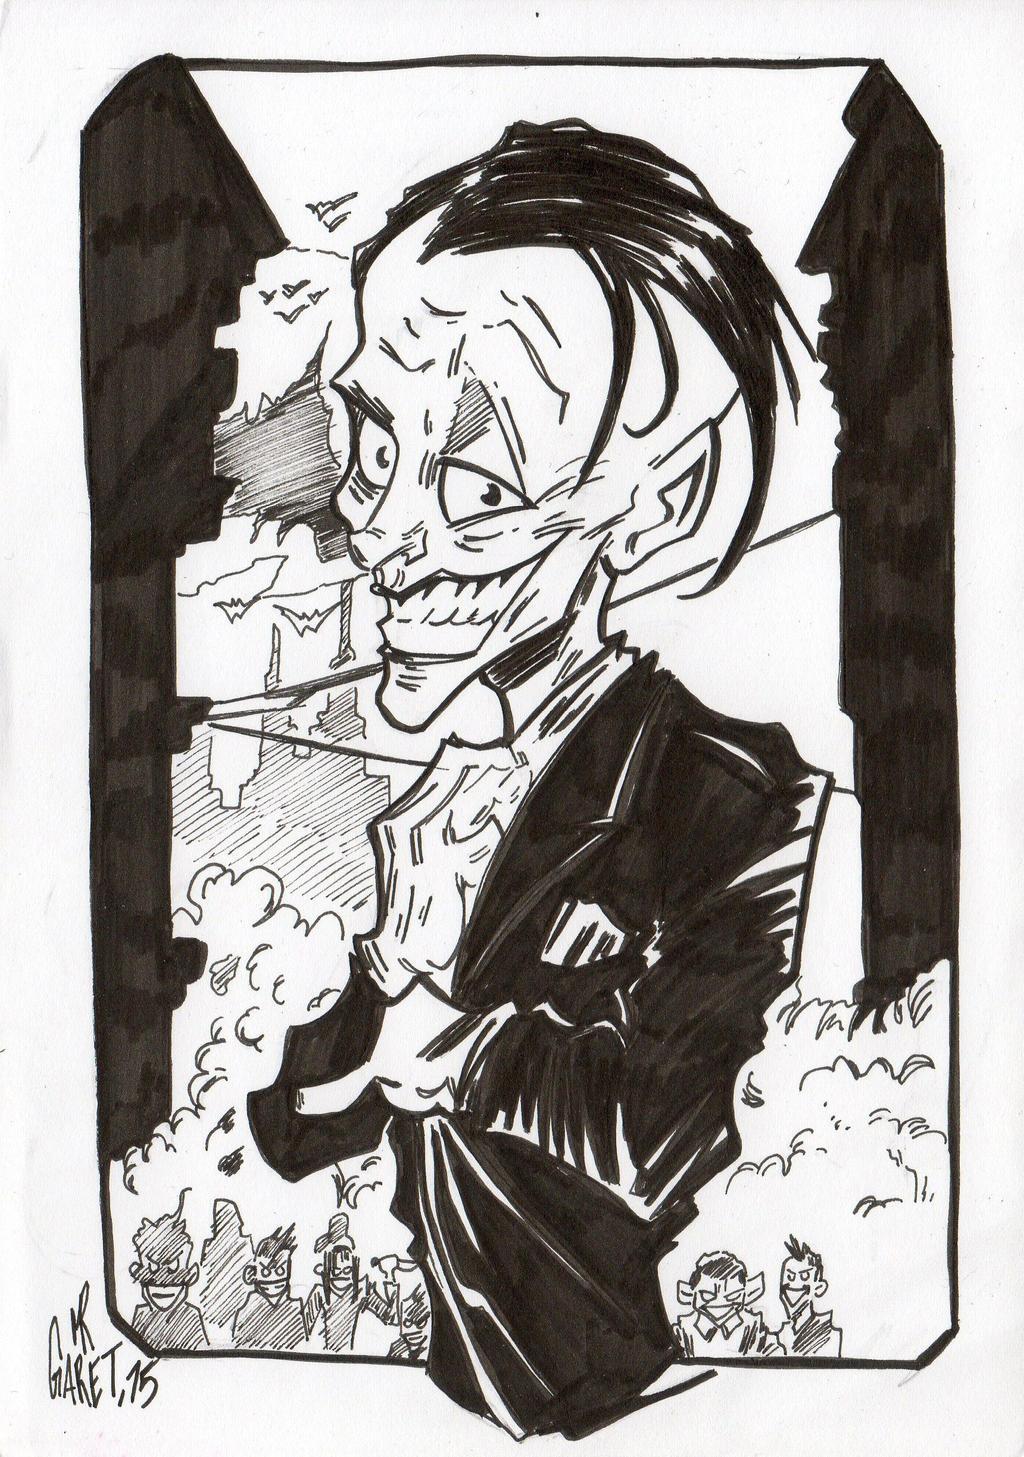 Endgame Joker by jacksony22